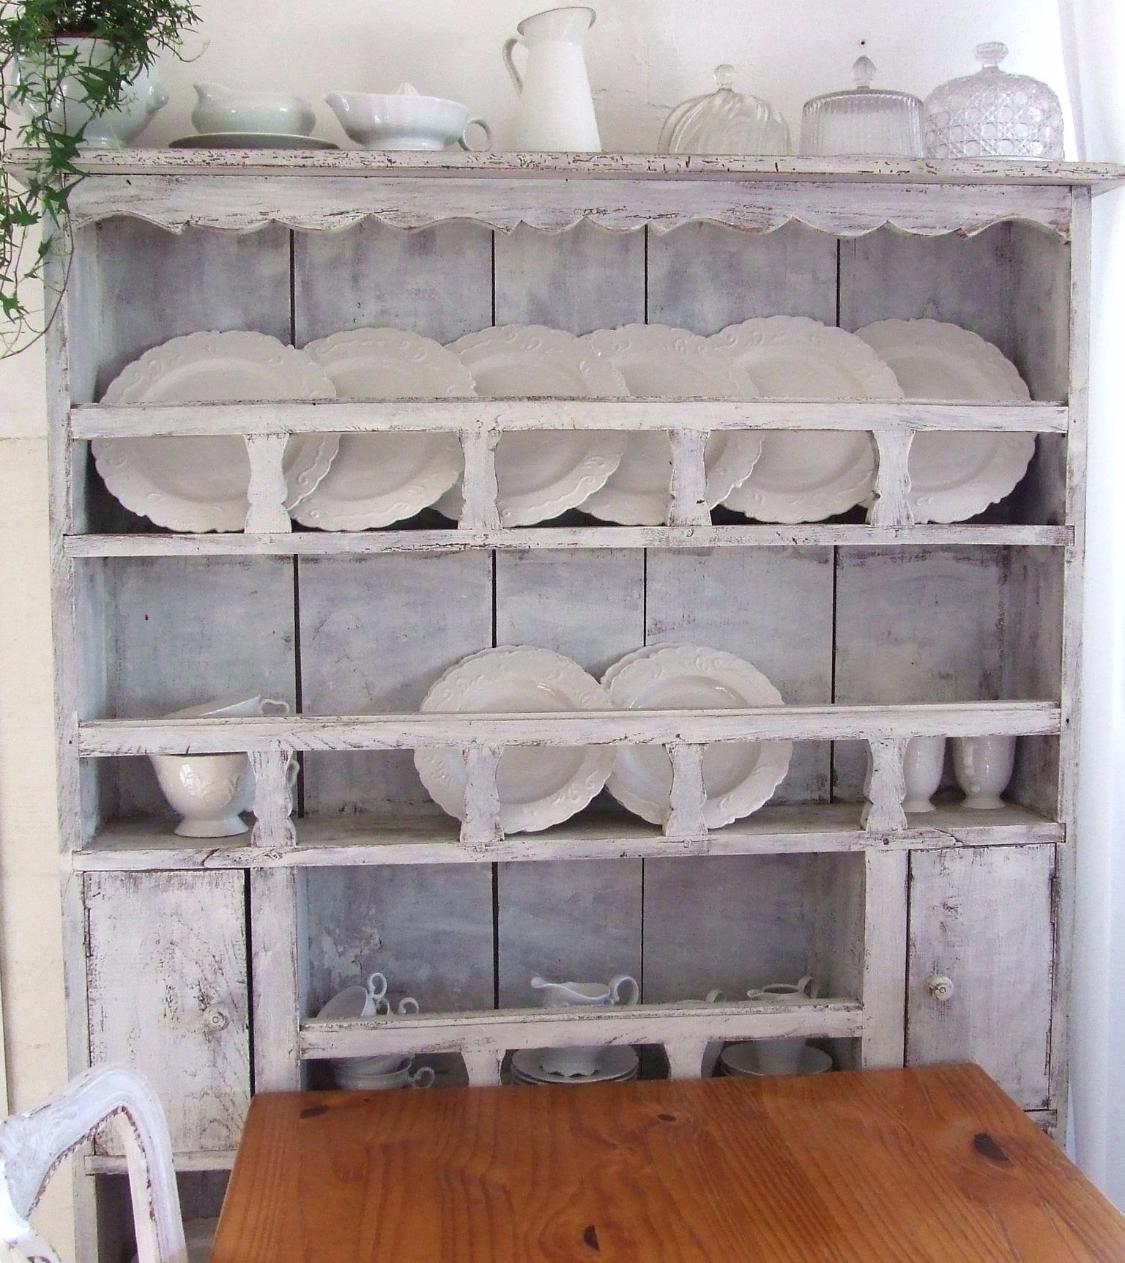 Cucina stile antico